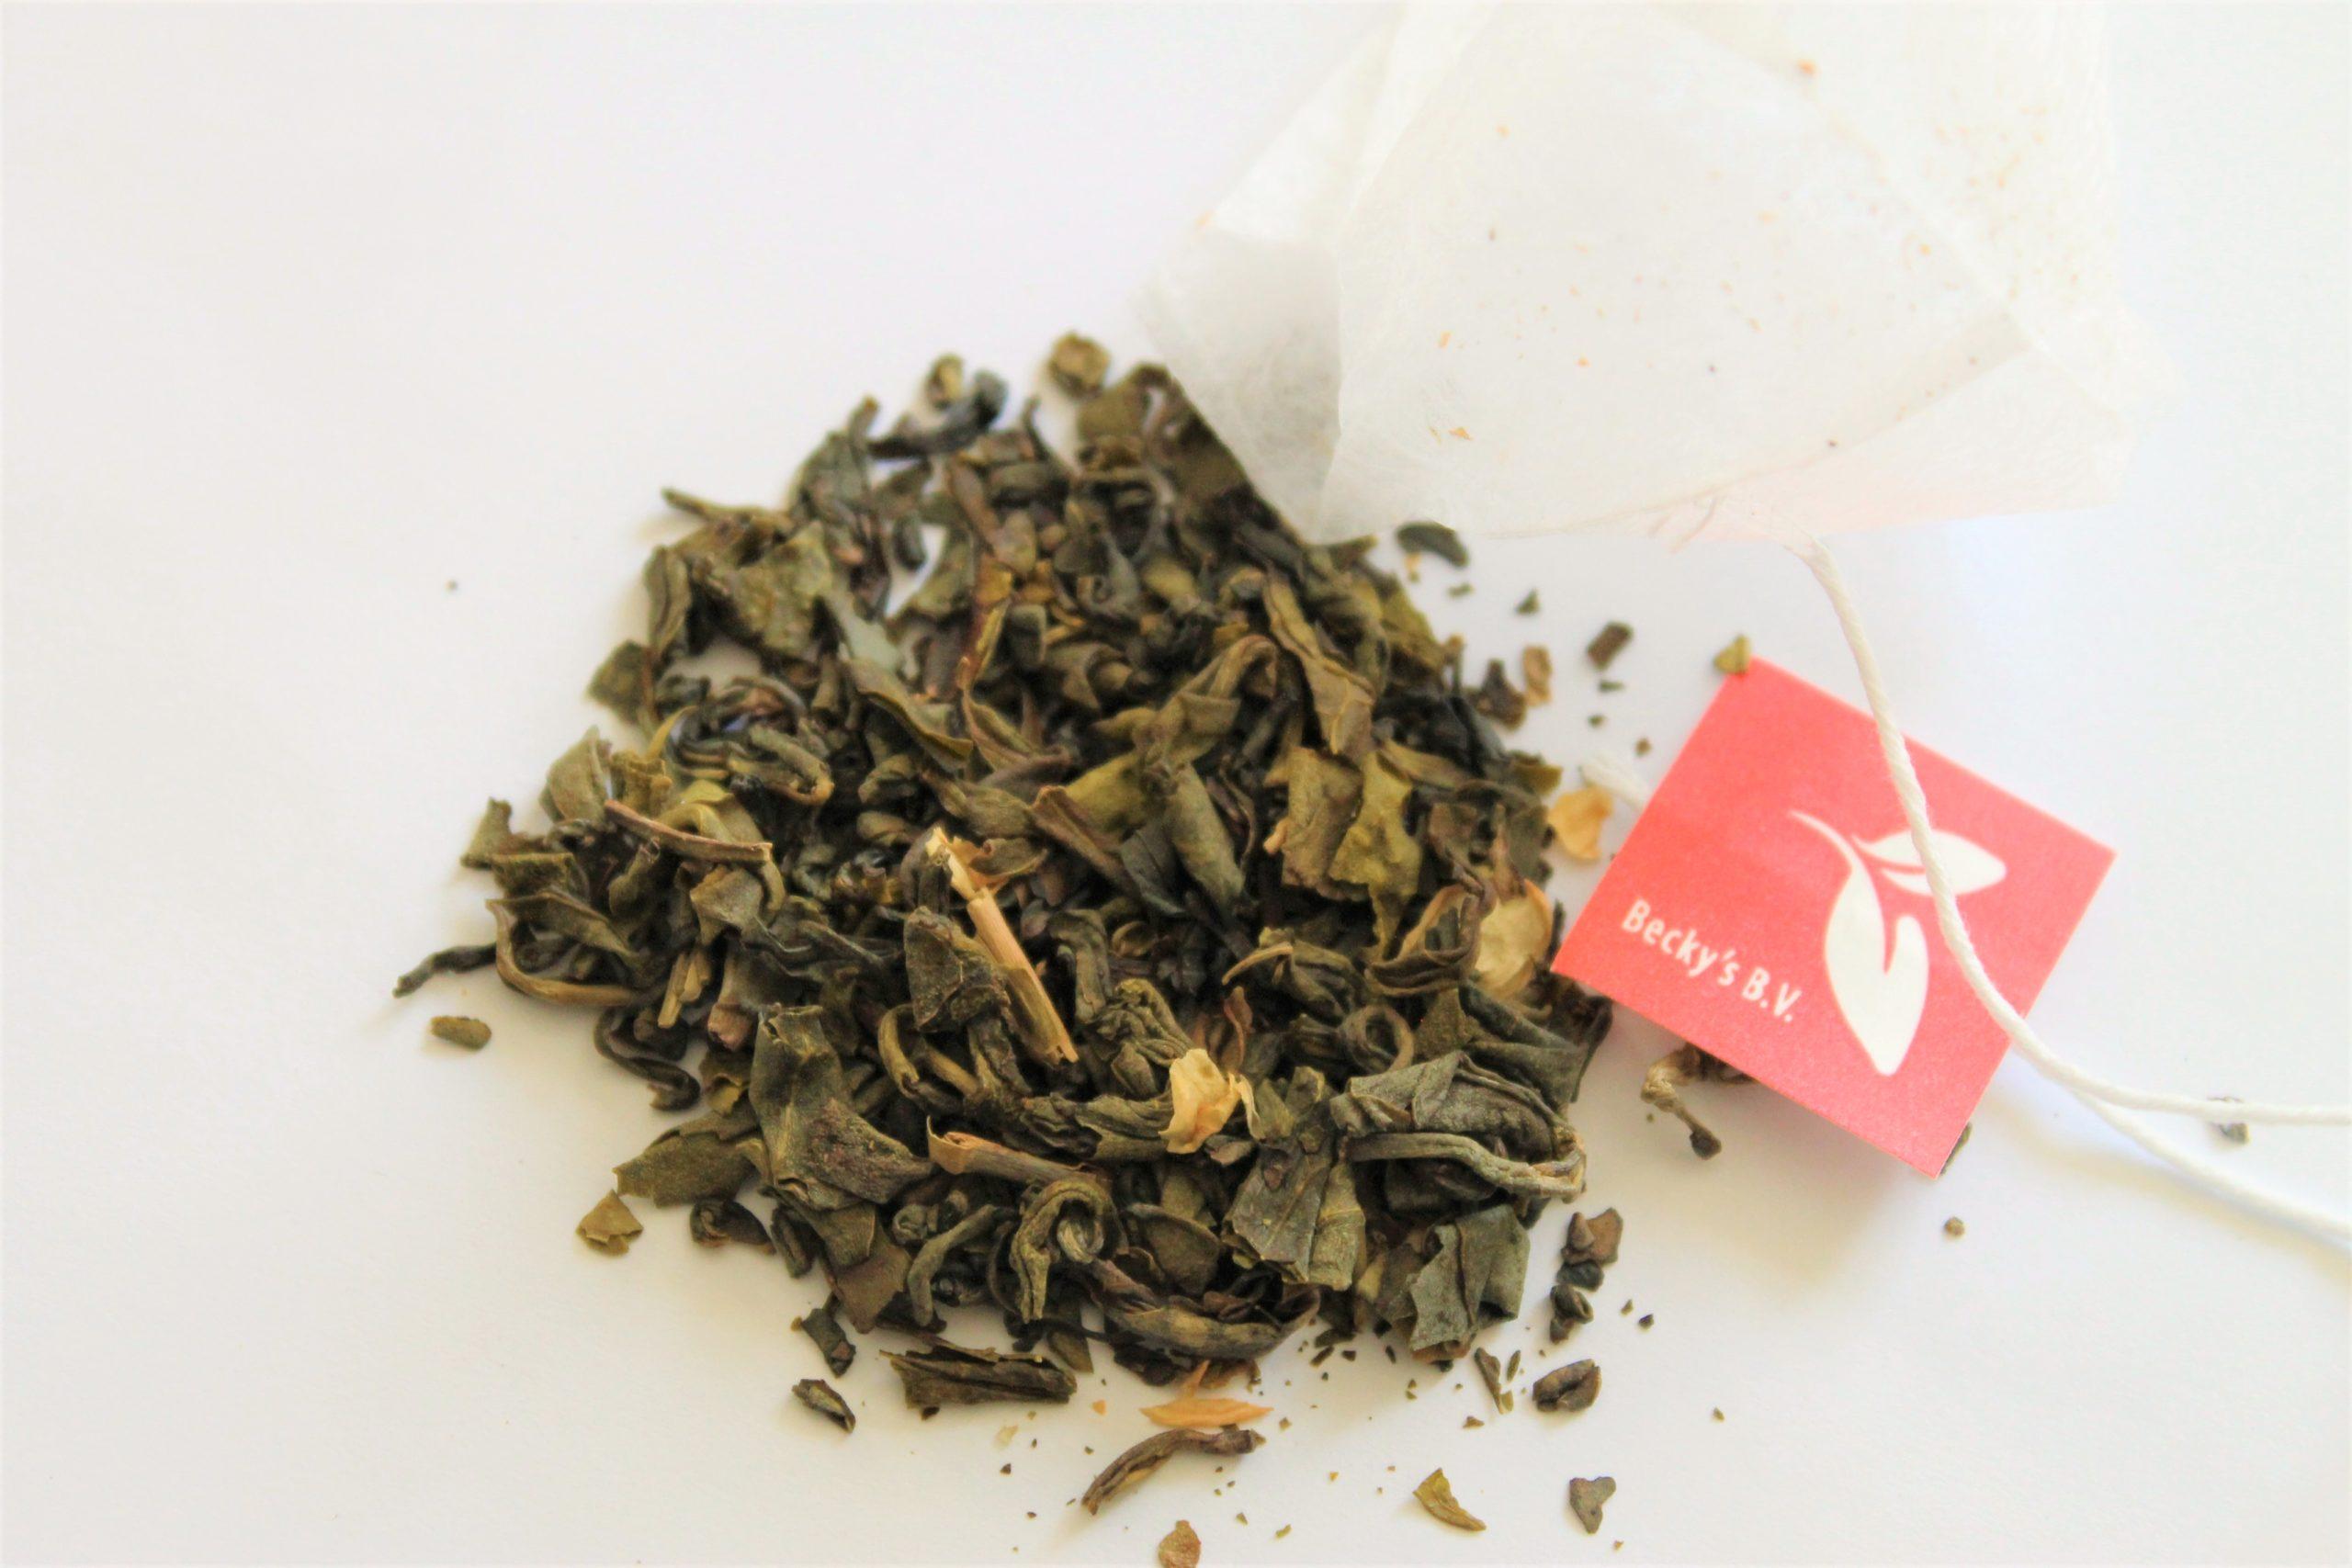 green tea leaves and jasmine petals